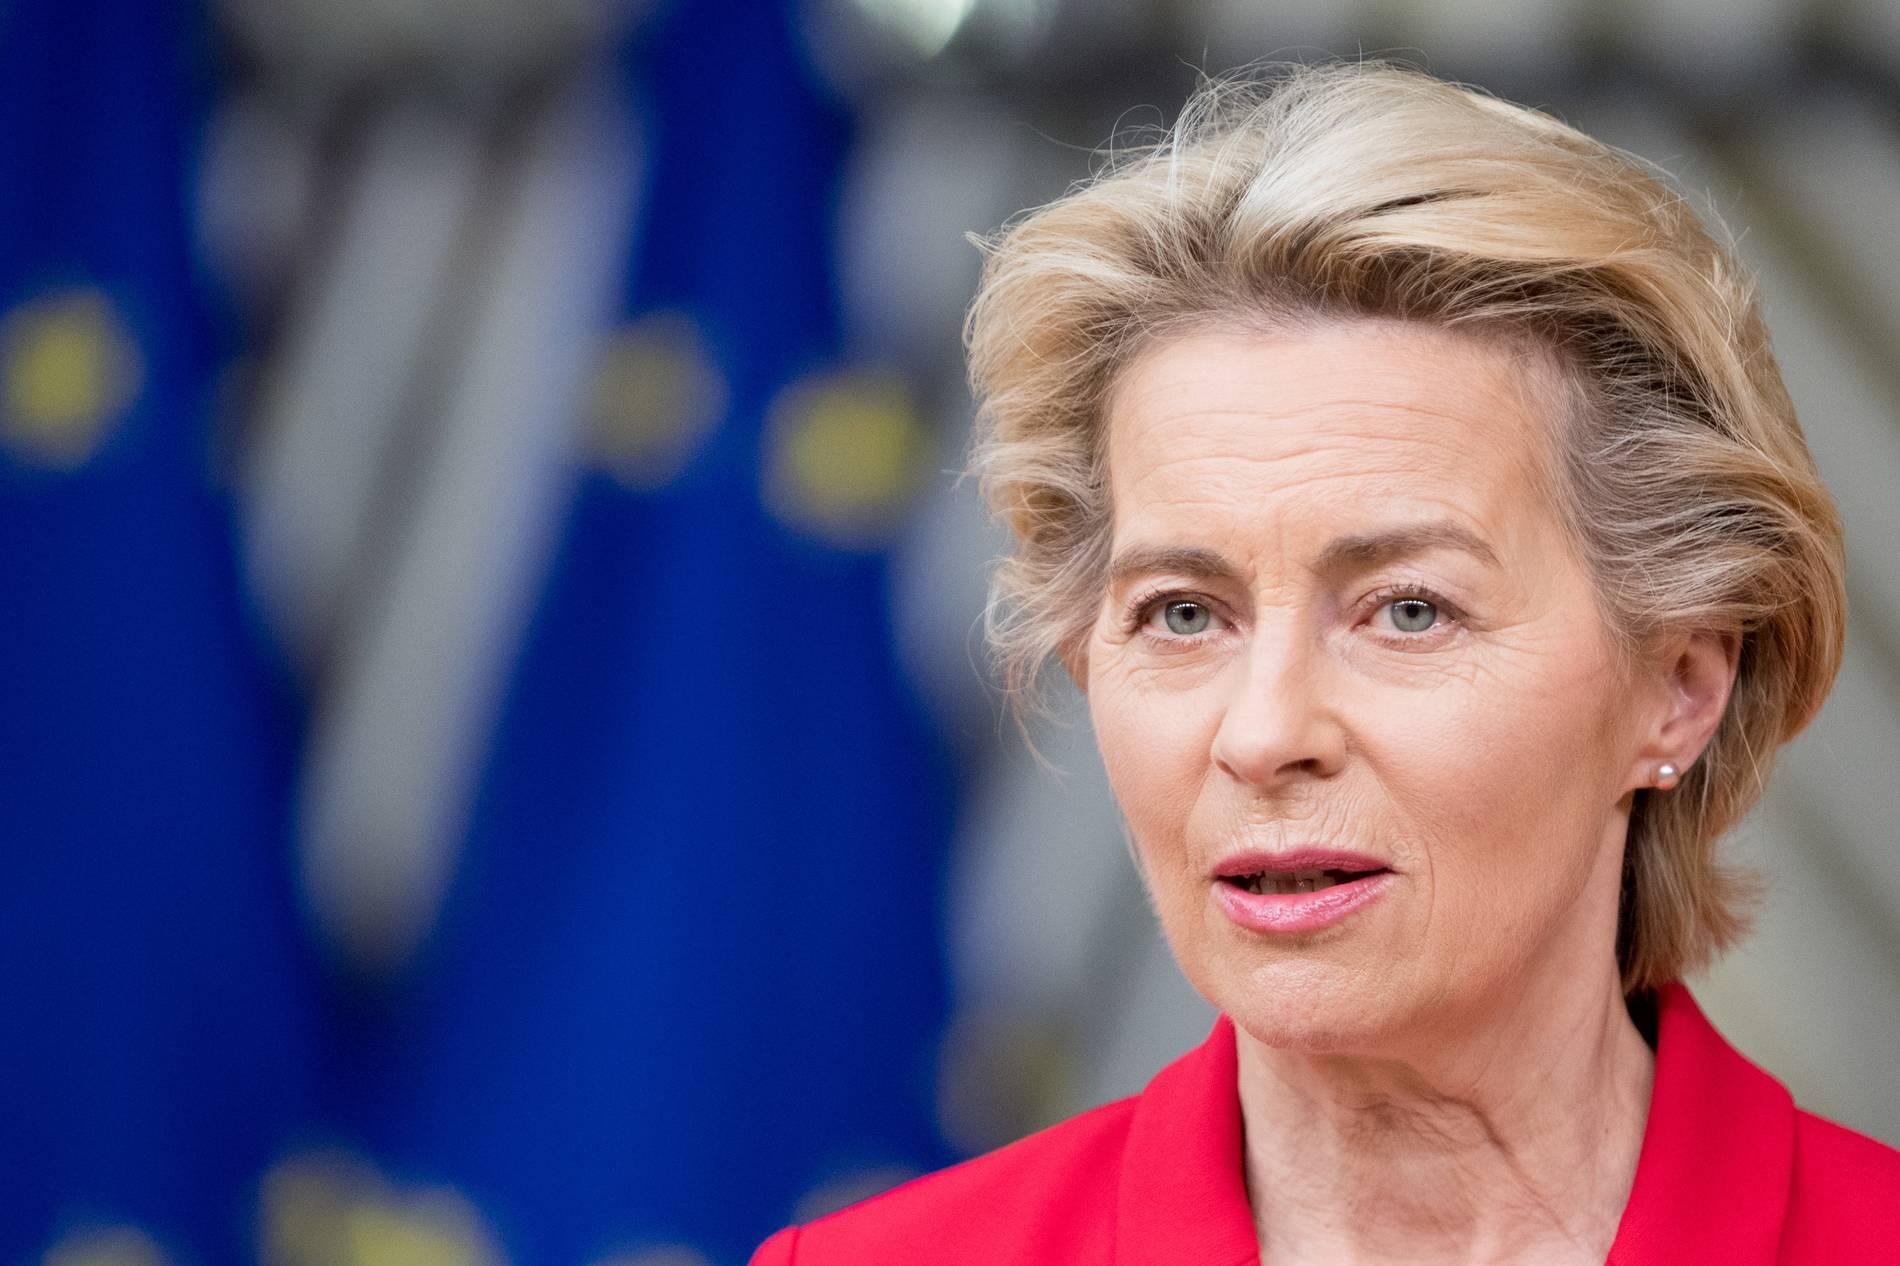 Nach Bidens Wahlerfolg: Von der Leyen will transatlantischen Neuanfang